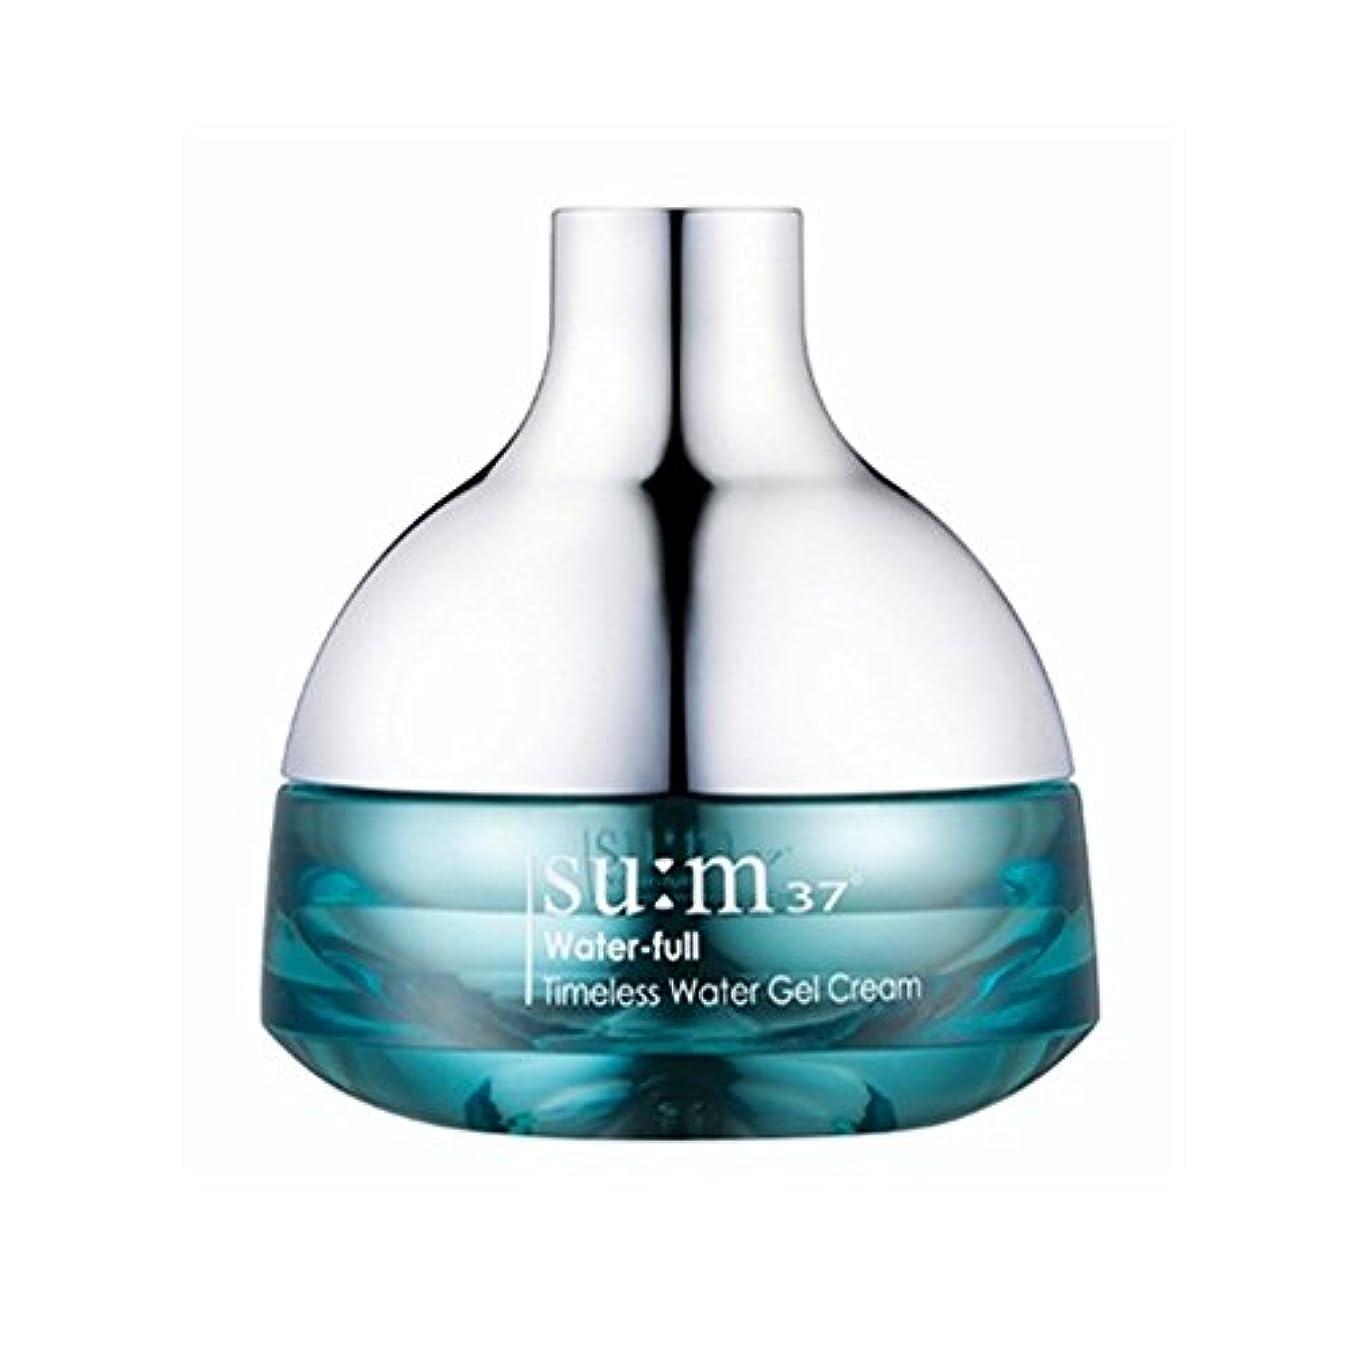 先地殻木[su:m37/スム37°] SUM37 Water-full Timeless Water Gel Cream 50ml/WF07 sum37 ウォータフル タイムレス ウォータージェルクリーム 50ml +[Sample...